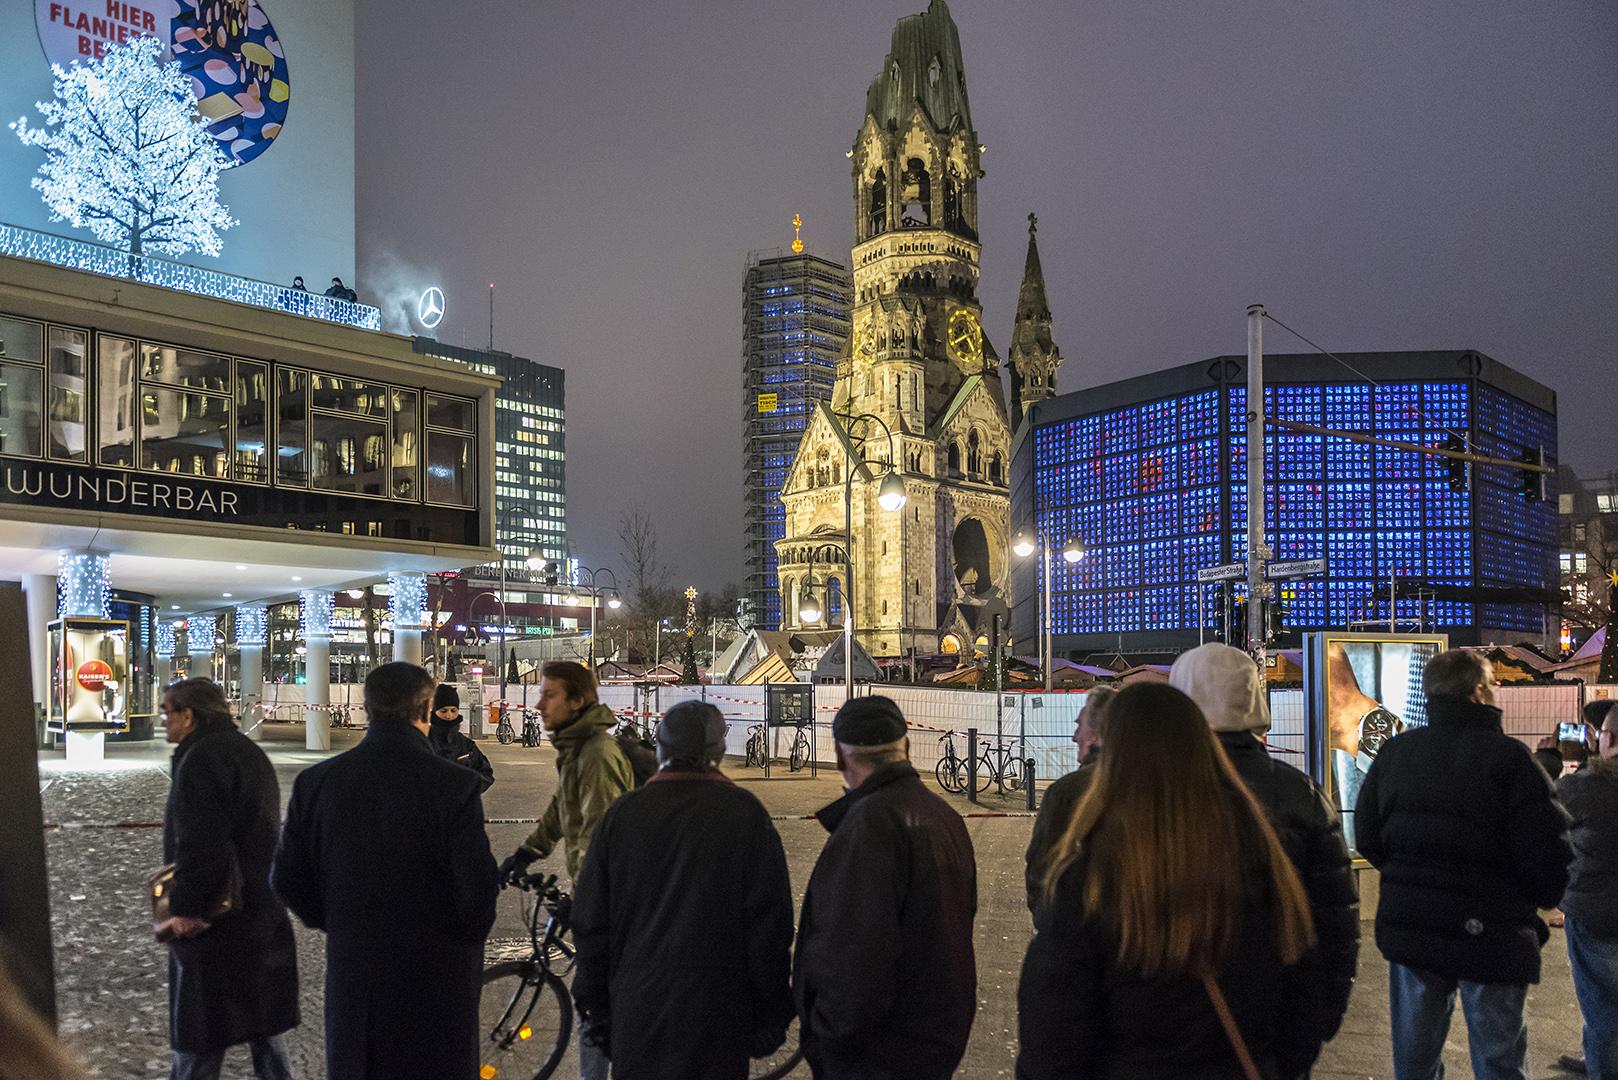 Abend nach dem Terroranschlag auf dem Weihnachtsmarkt am Breitscheidplatz, beim Bikini-Haus. Im Hintergrund die Kaiser-Wilhelm-Gedächtniskirche. Berlin Charlottenburg, 20.12.2016